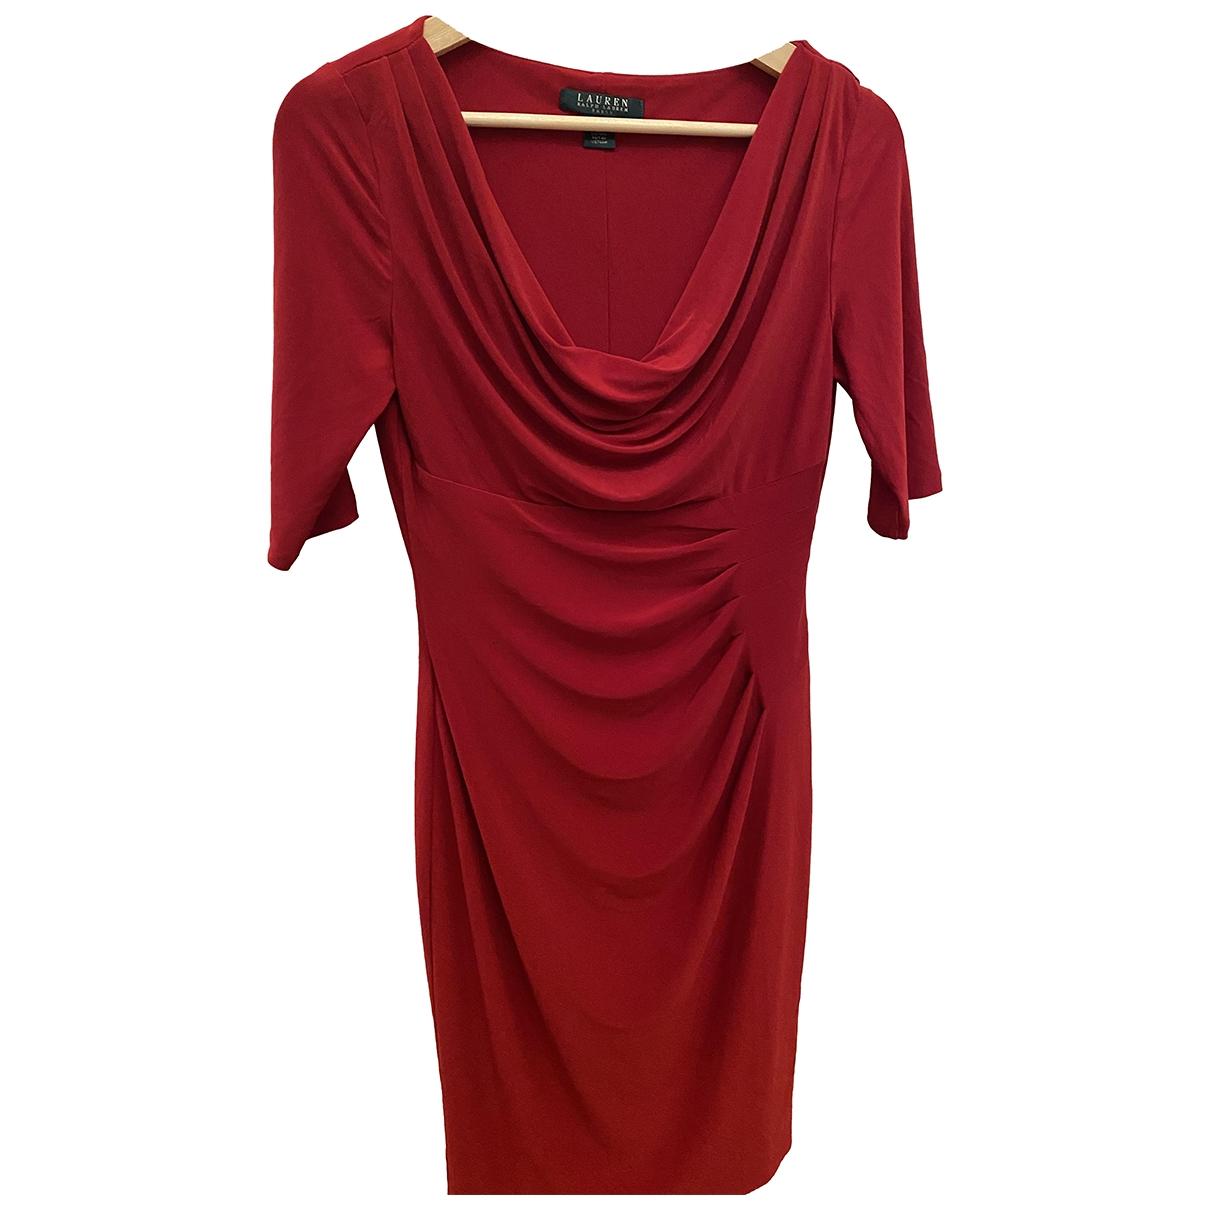 Lauren Ralph Lauren \N Red dress for Women 4 US